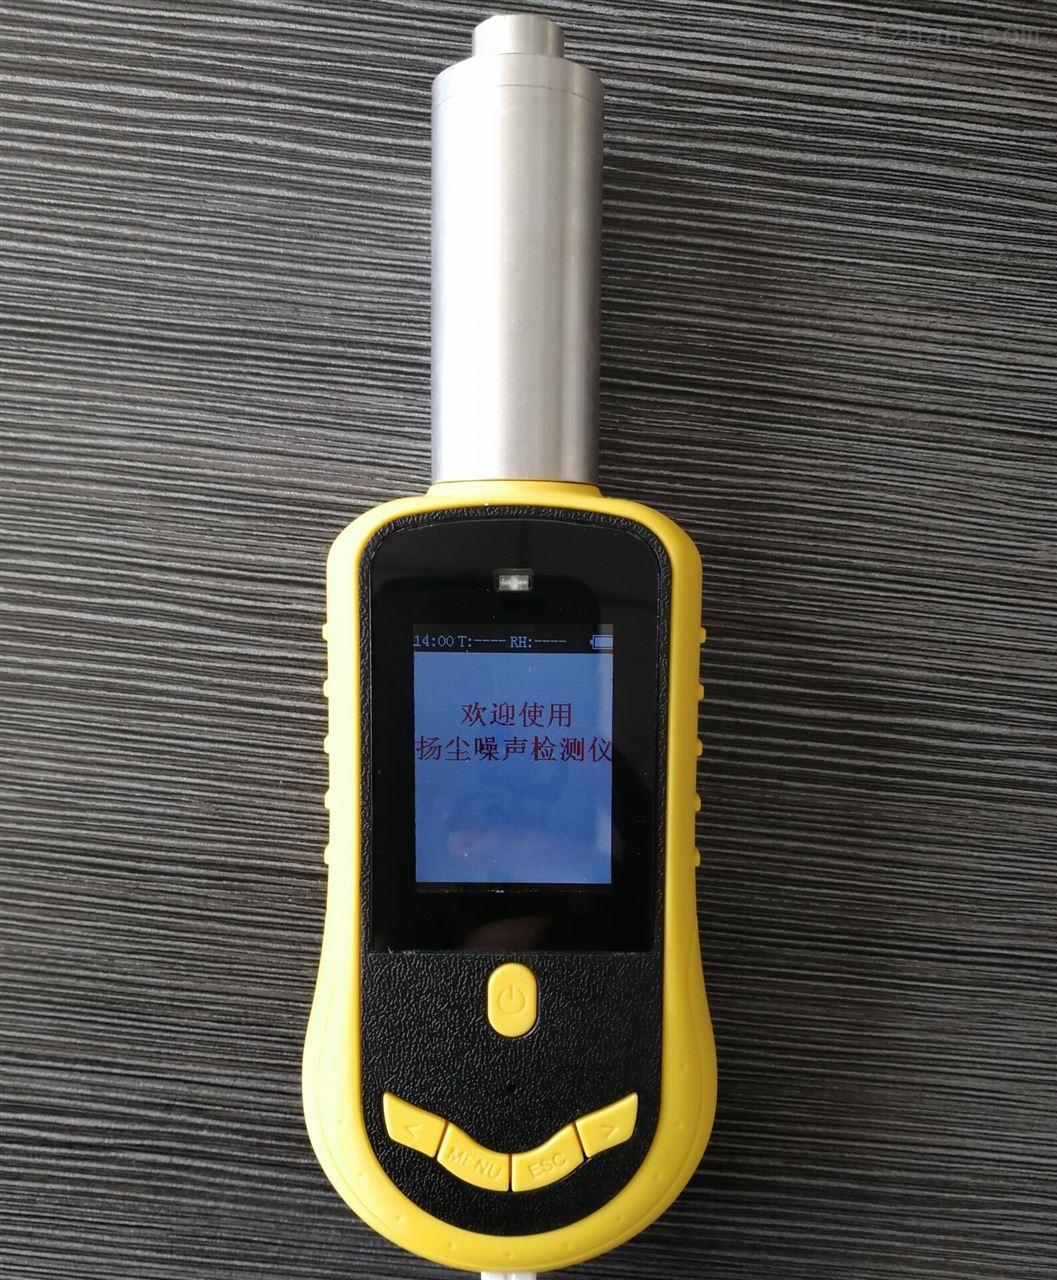 BYQL-YZ扬尘在线监测设备厂家,工地扬尘监测仪价格